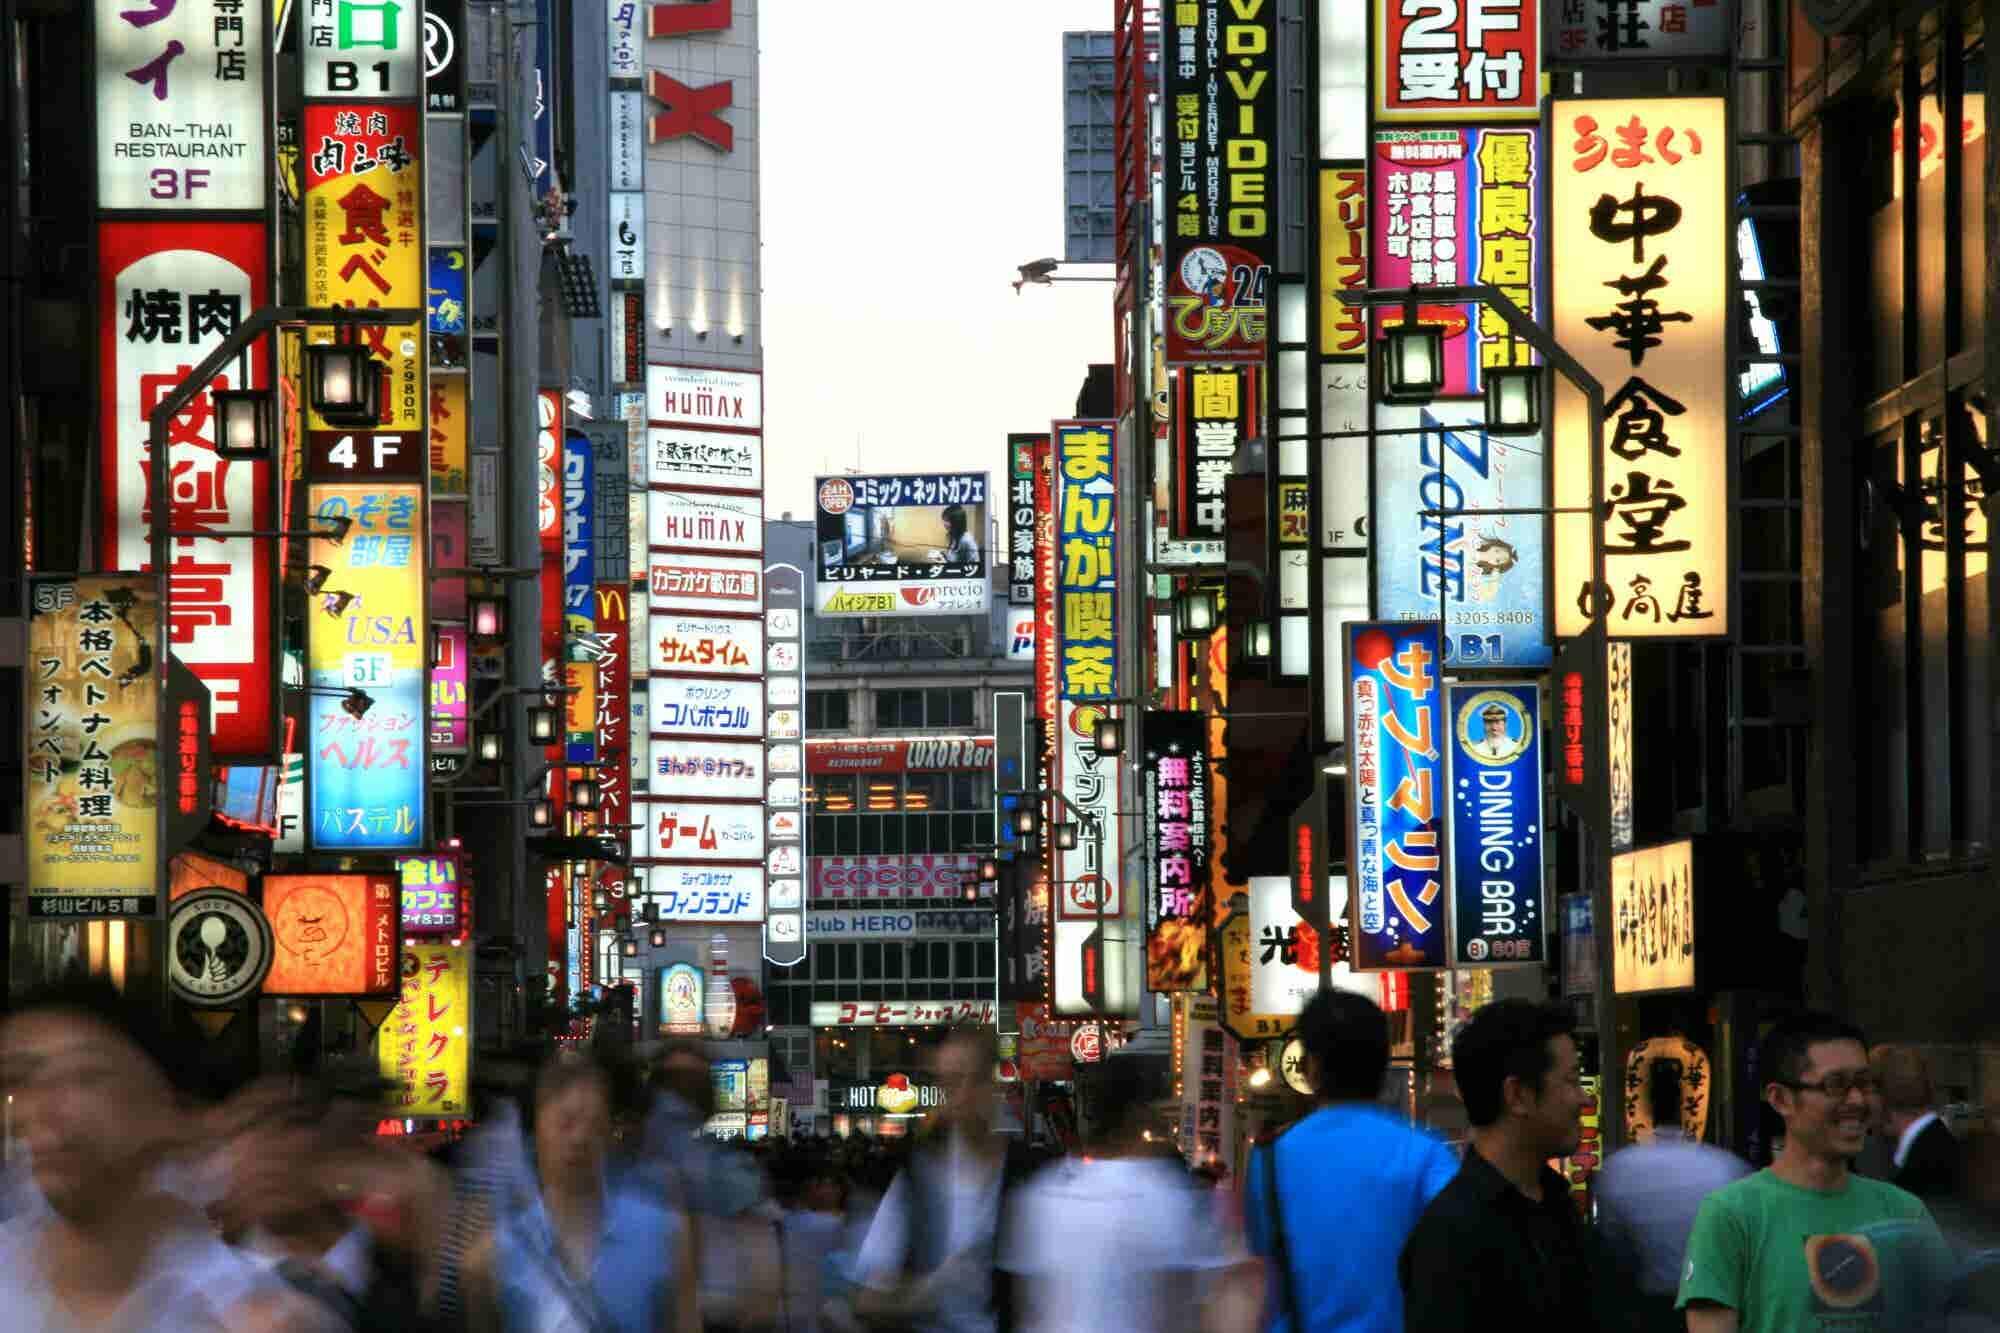 ¿La economía de Japón está fracasando?